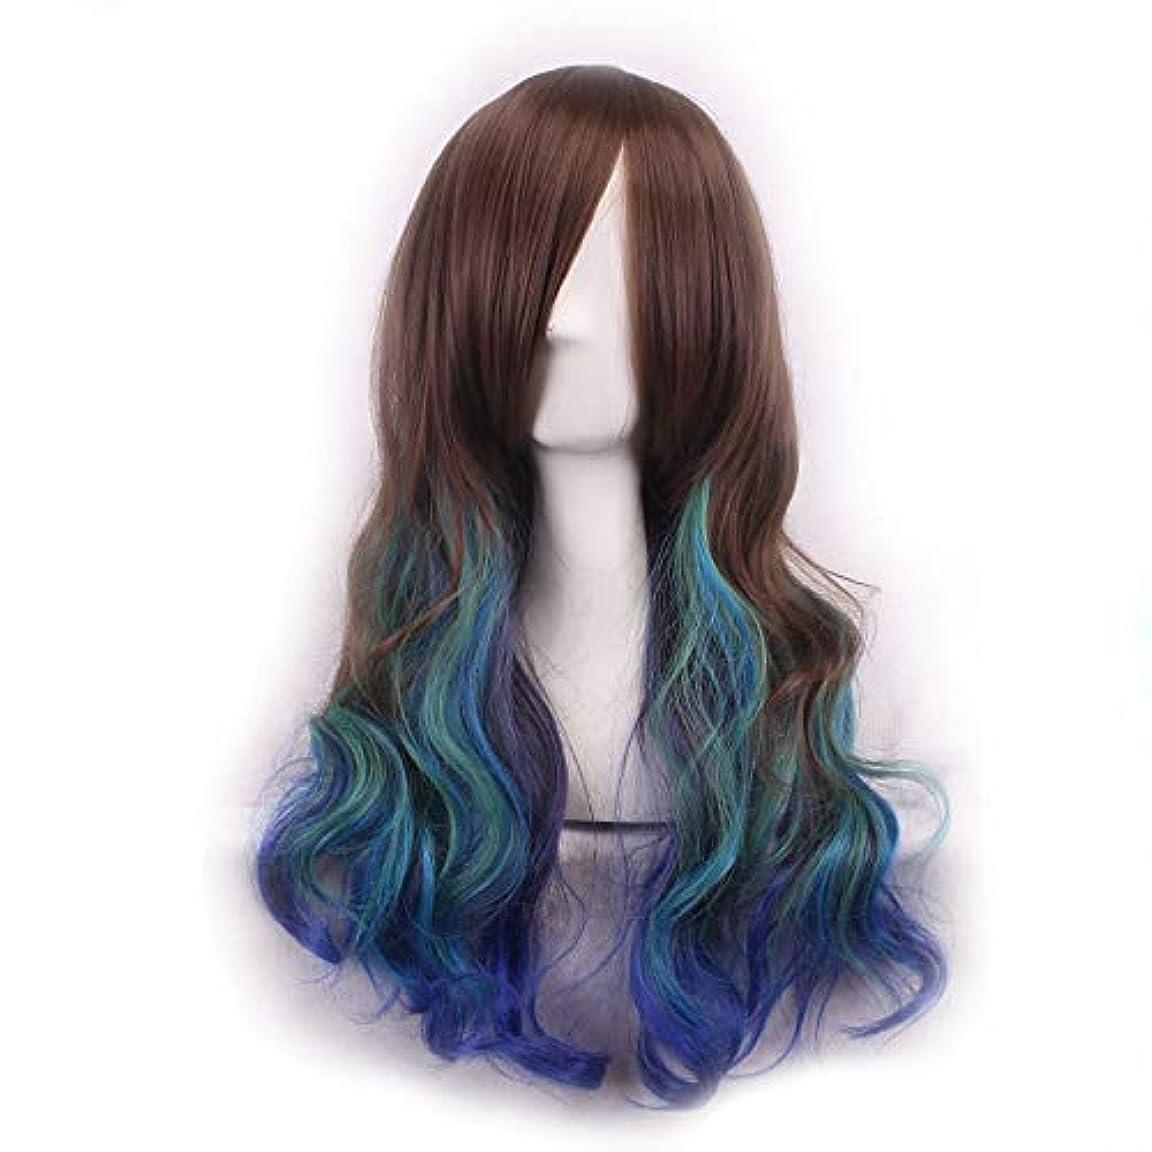 花嫁乱雑な保守可能かつらキャップでかつらファンシードレスカールかつら女性用高品質合成毛髪コスプレ高密度かつら女性&女の子ブルー、レッド (Color : 青)